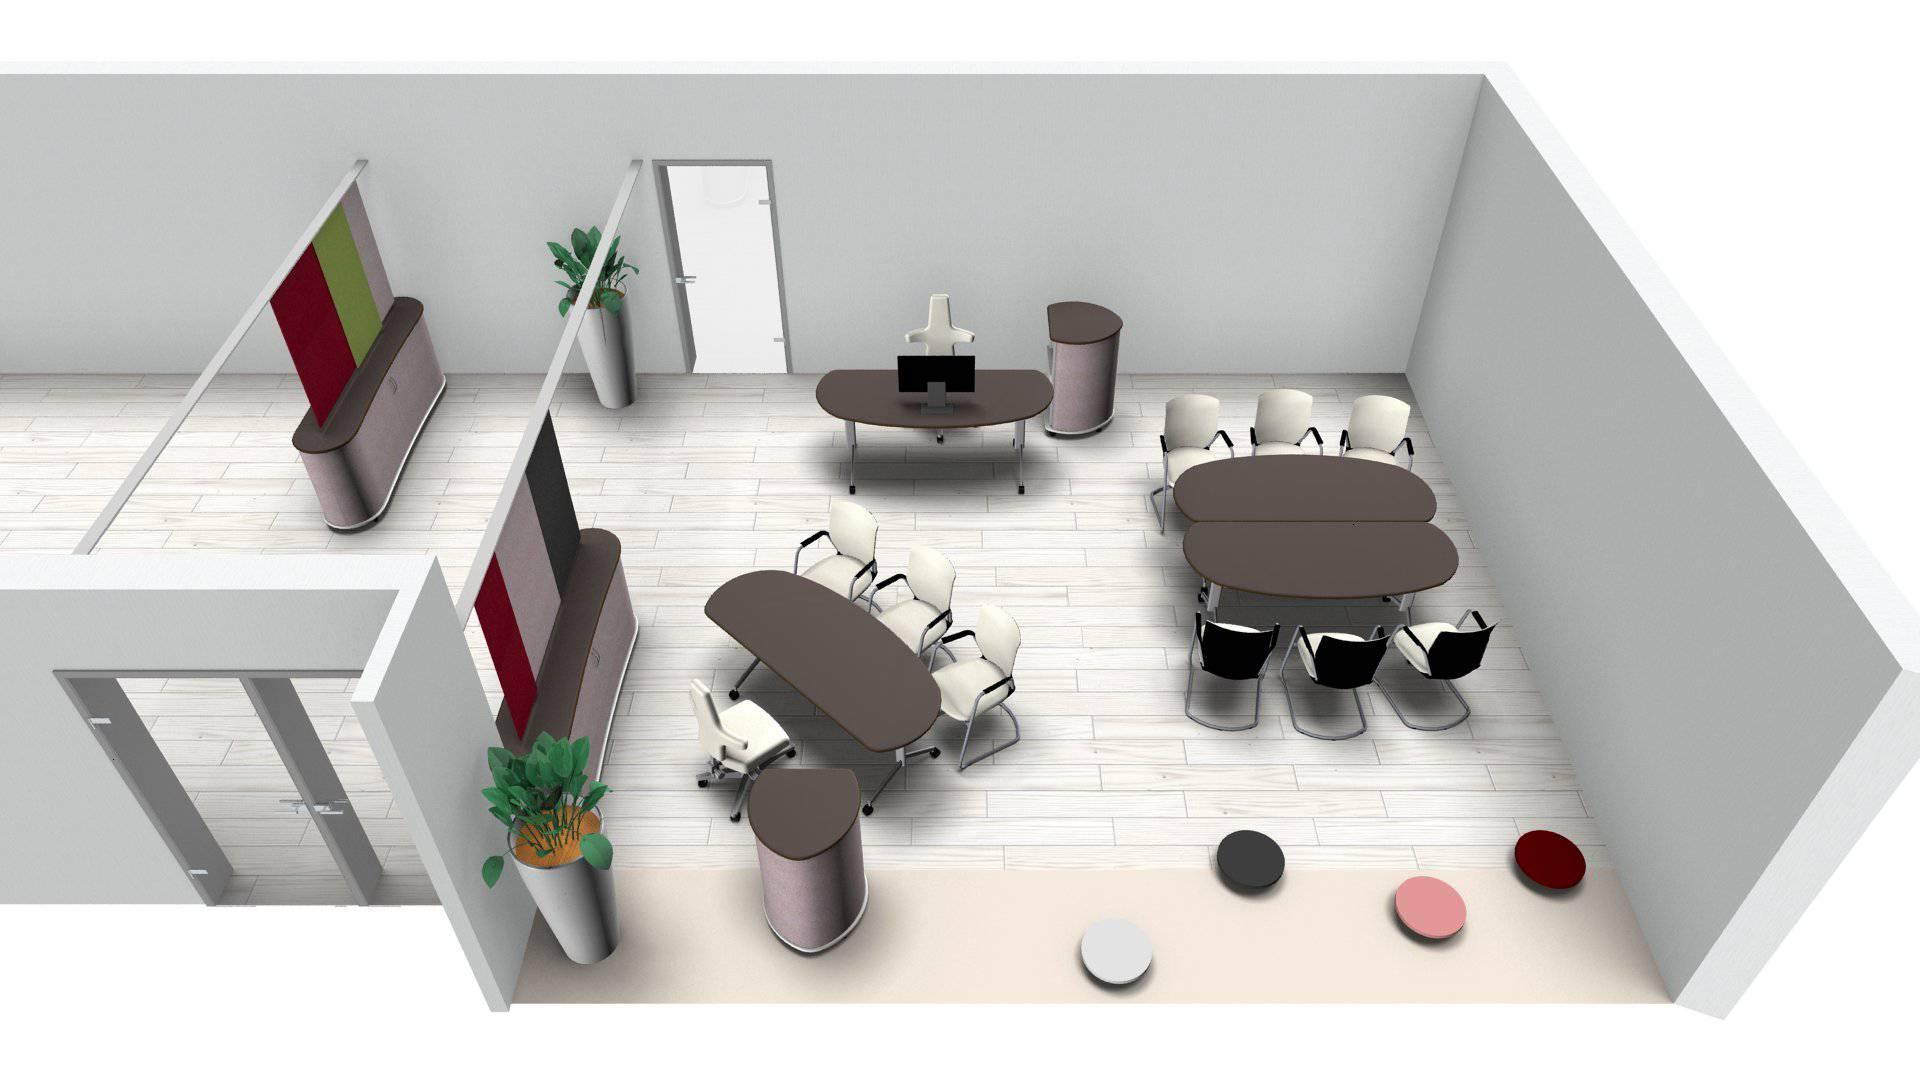 Büroplanung | Flexi-Konferenztische für Kunde aus Japan - Vital-Office